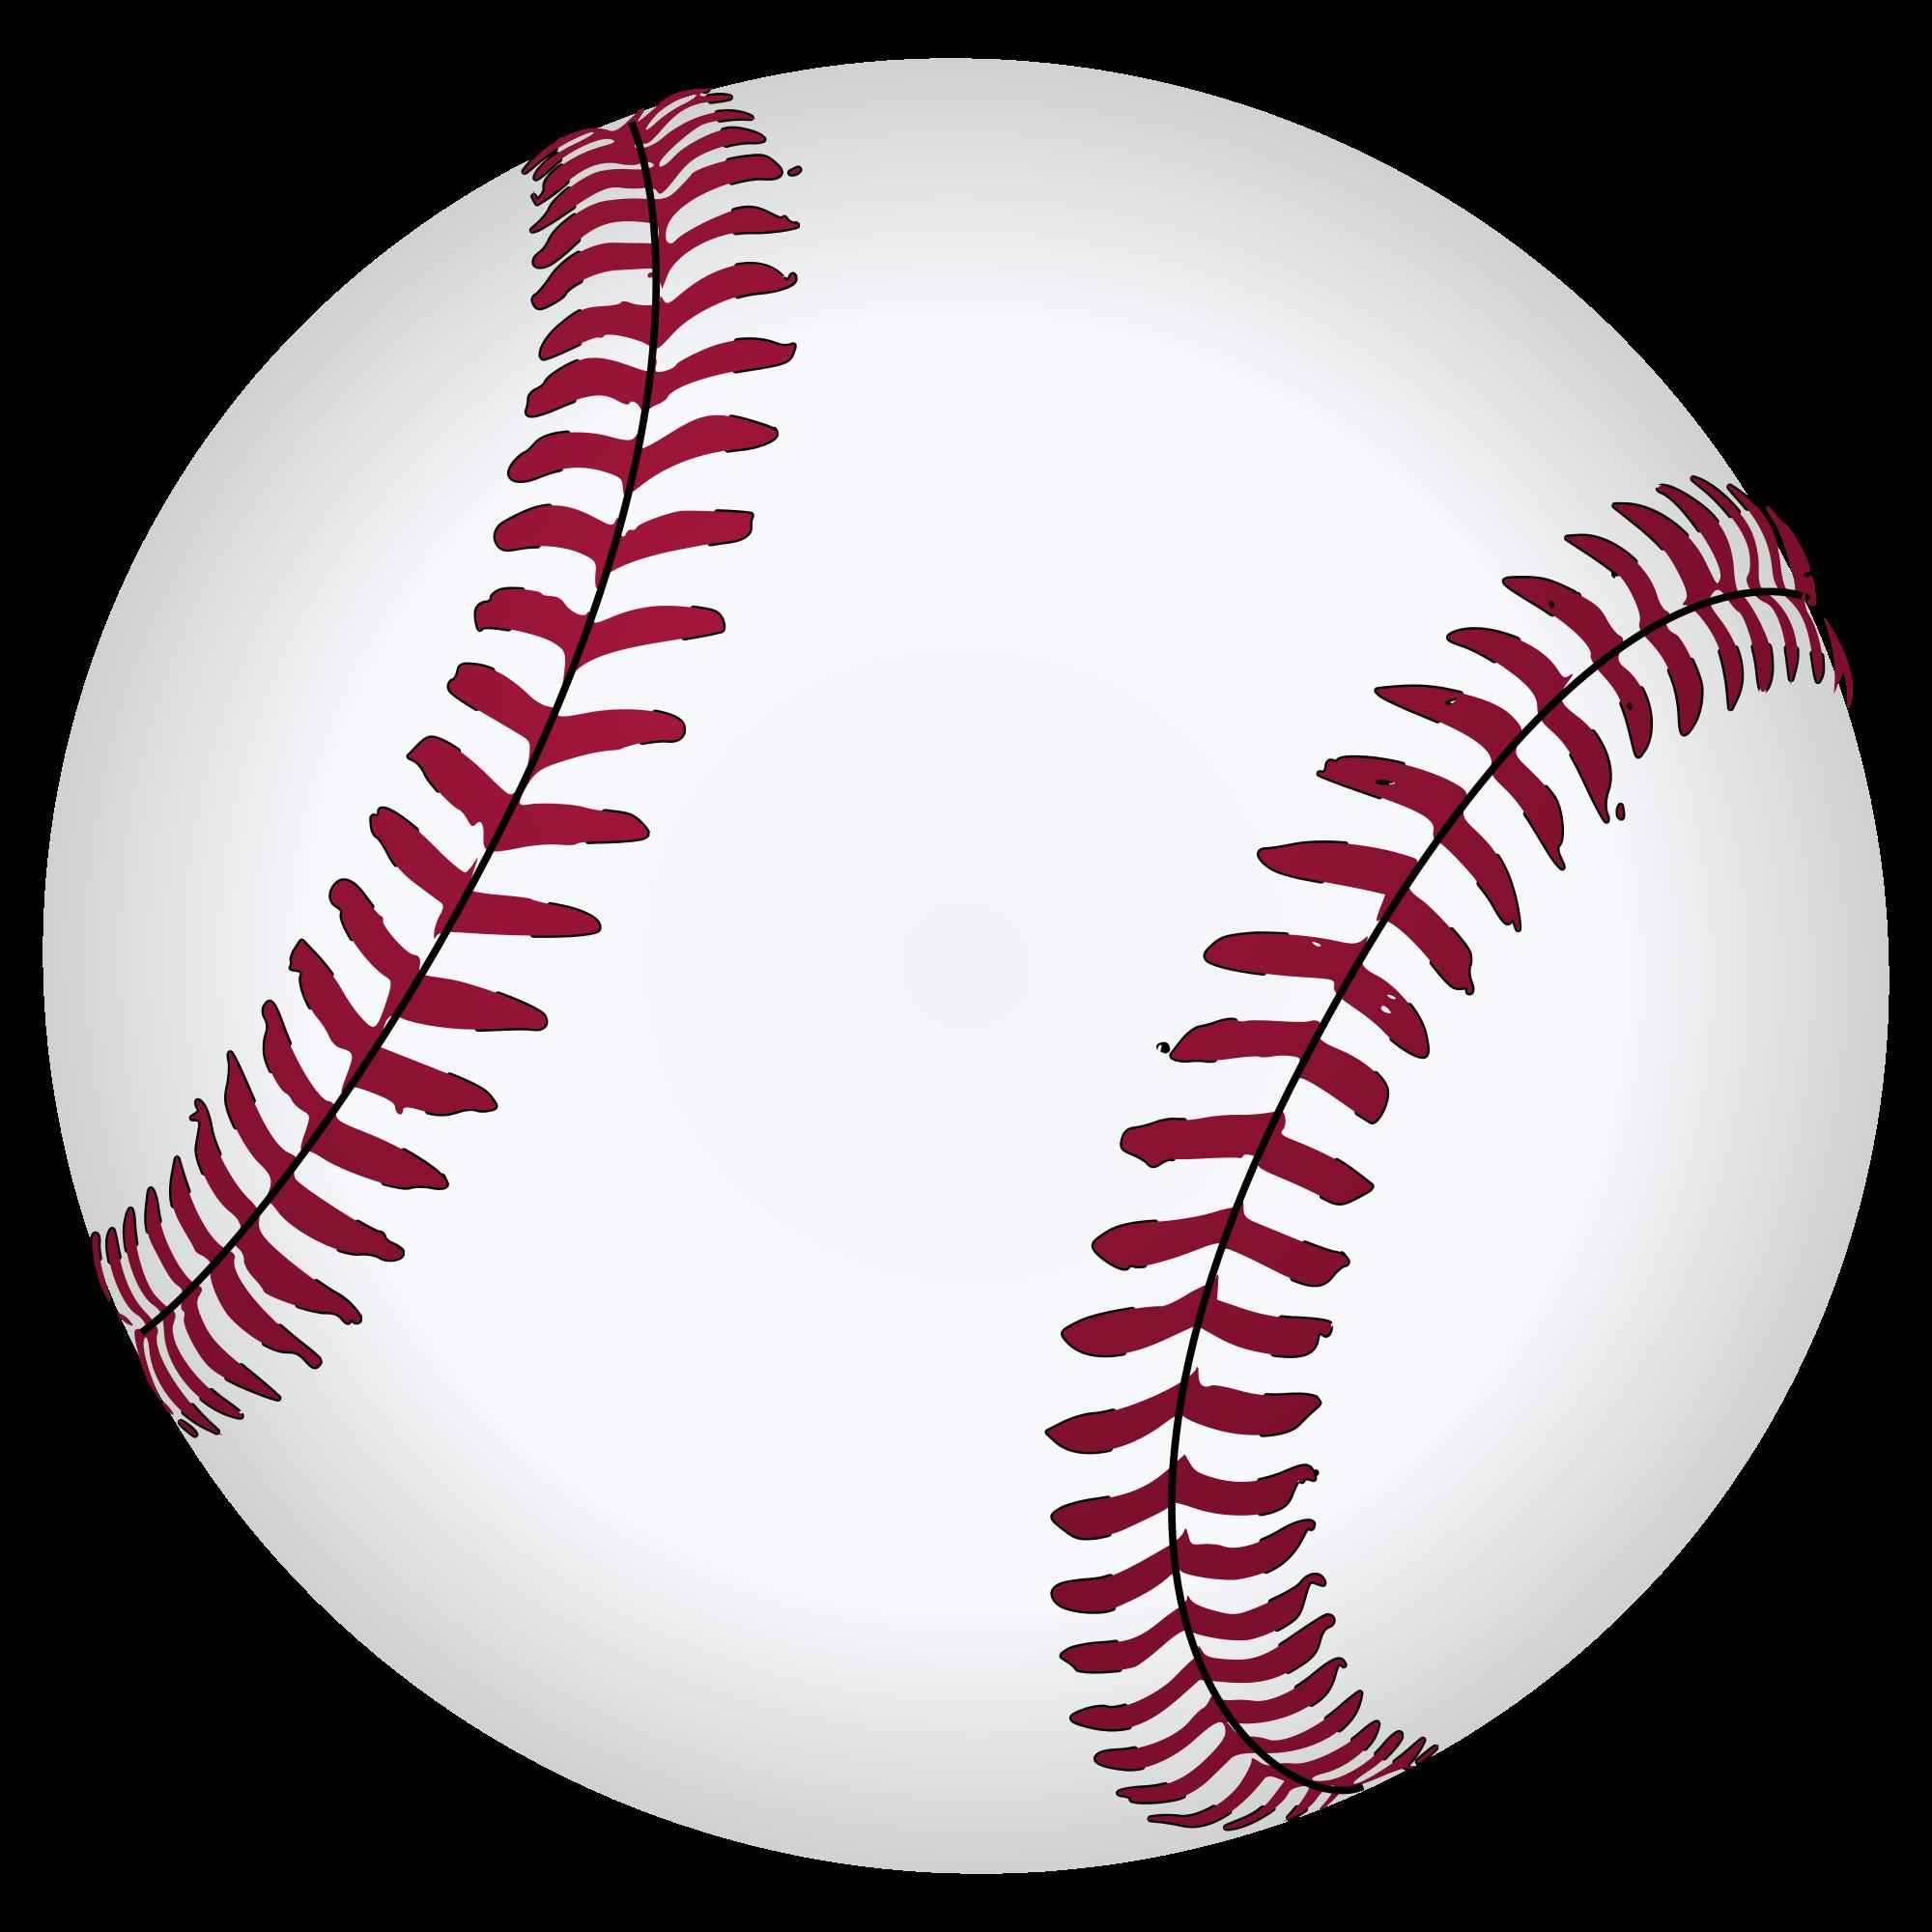 Baseball ball drawing at. Softball clipart draw